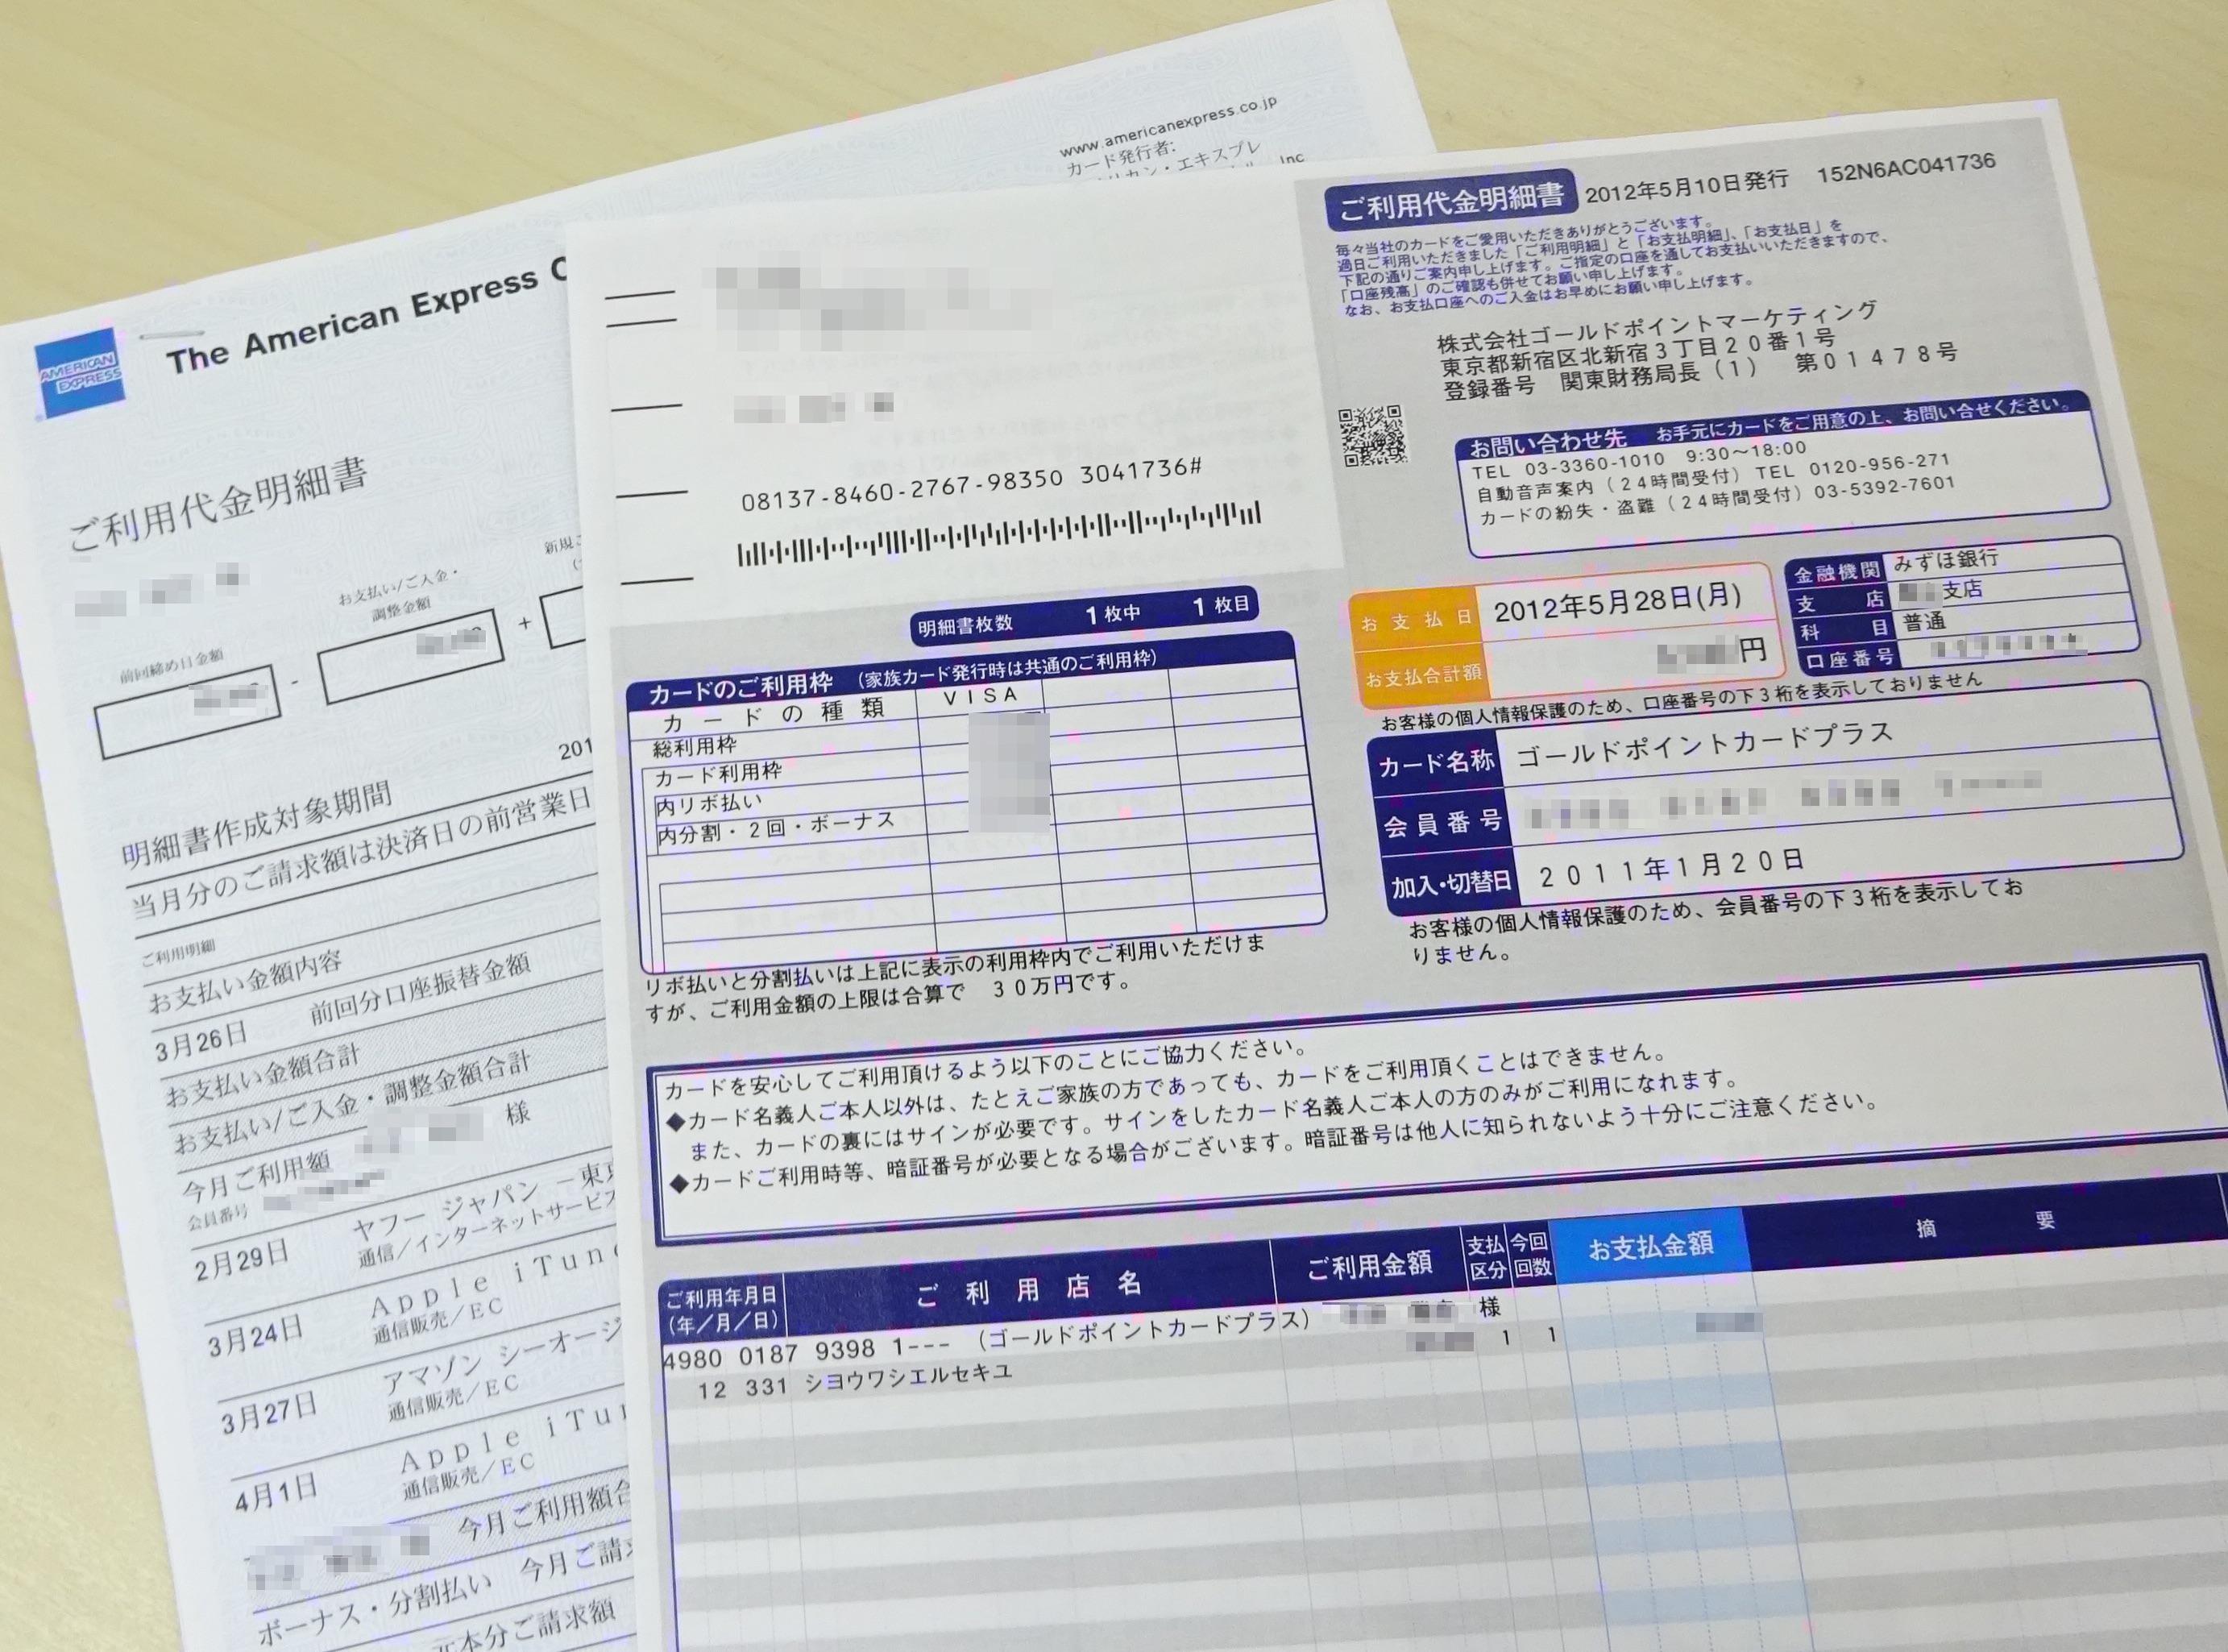 クレジットカード明細書